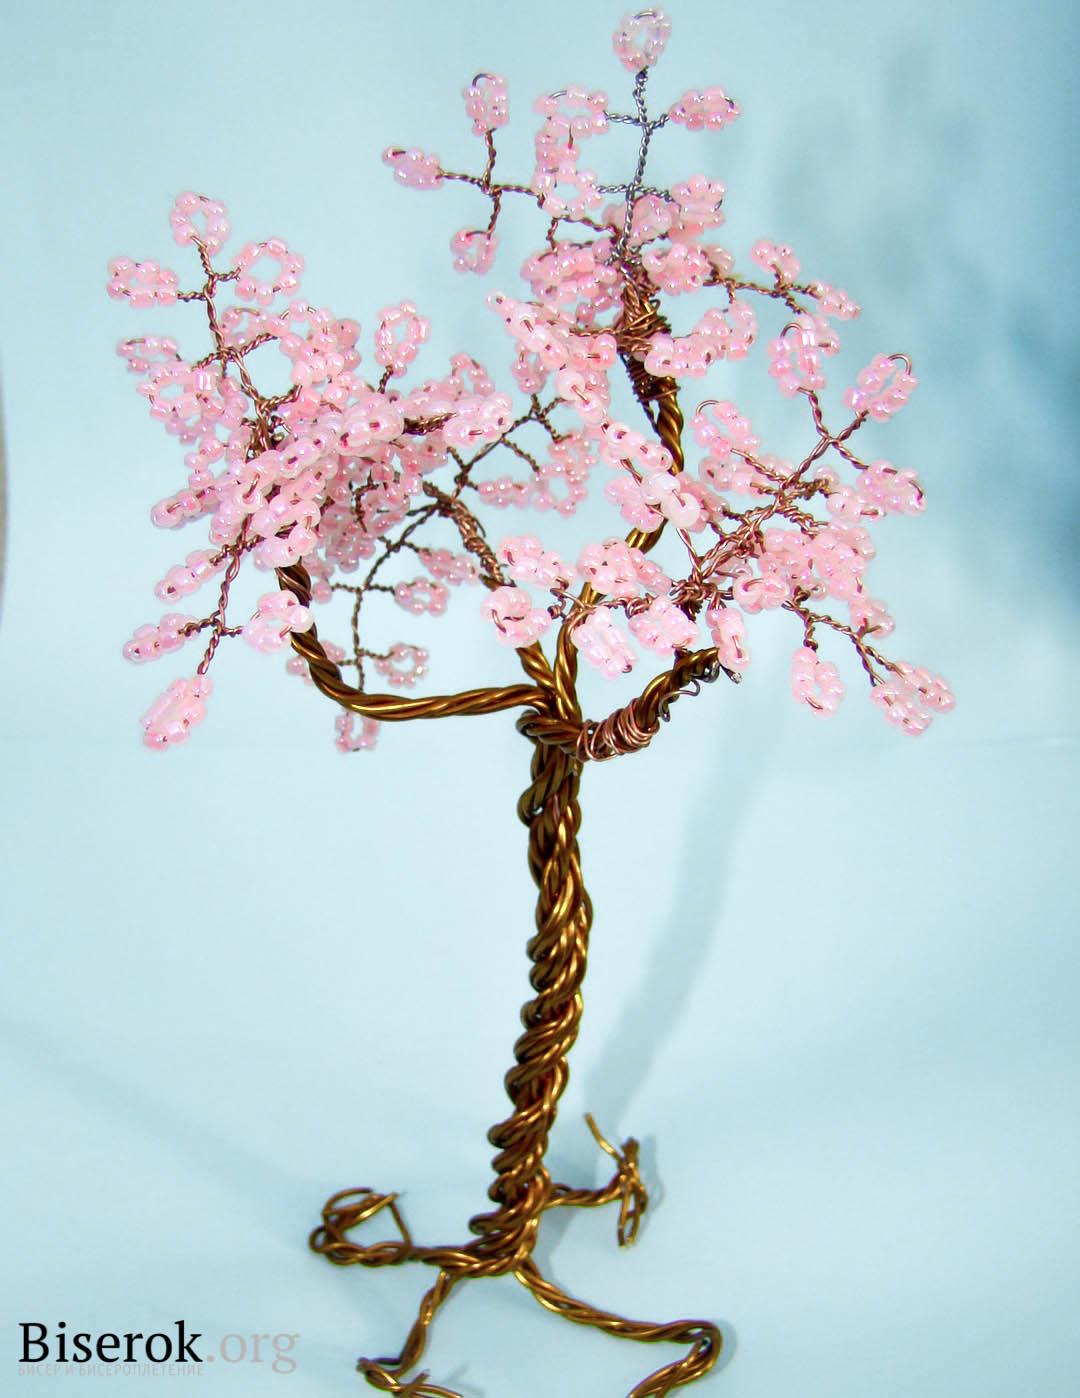 Фото цветов с капельками росы